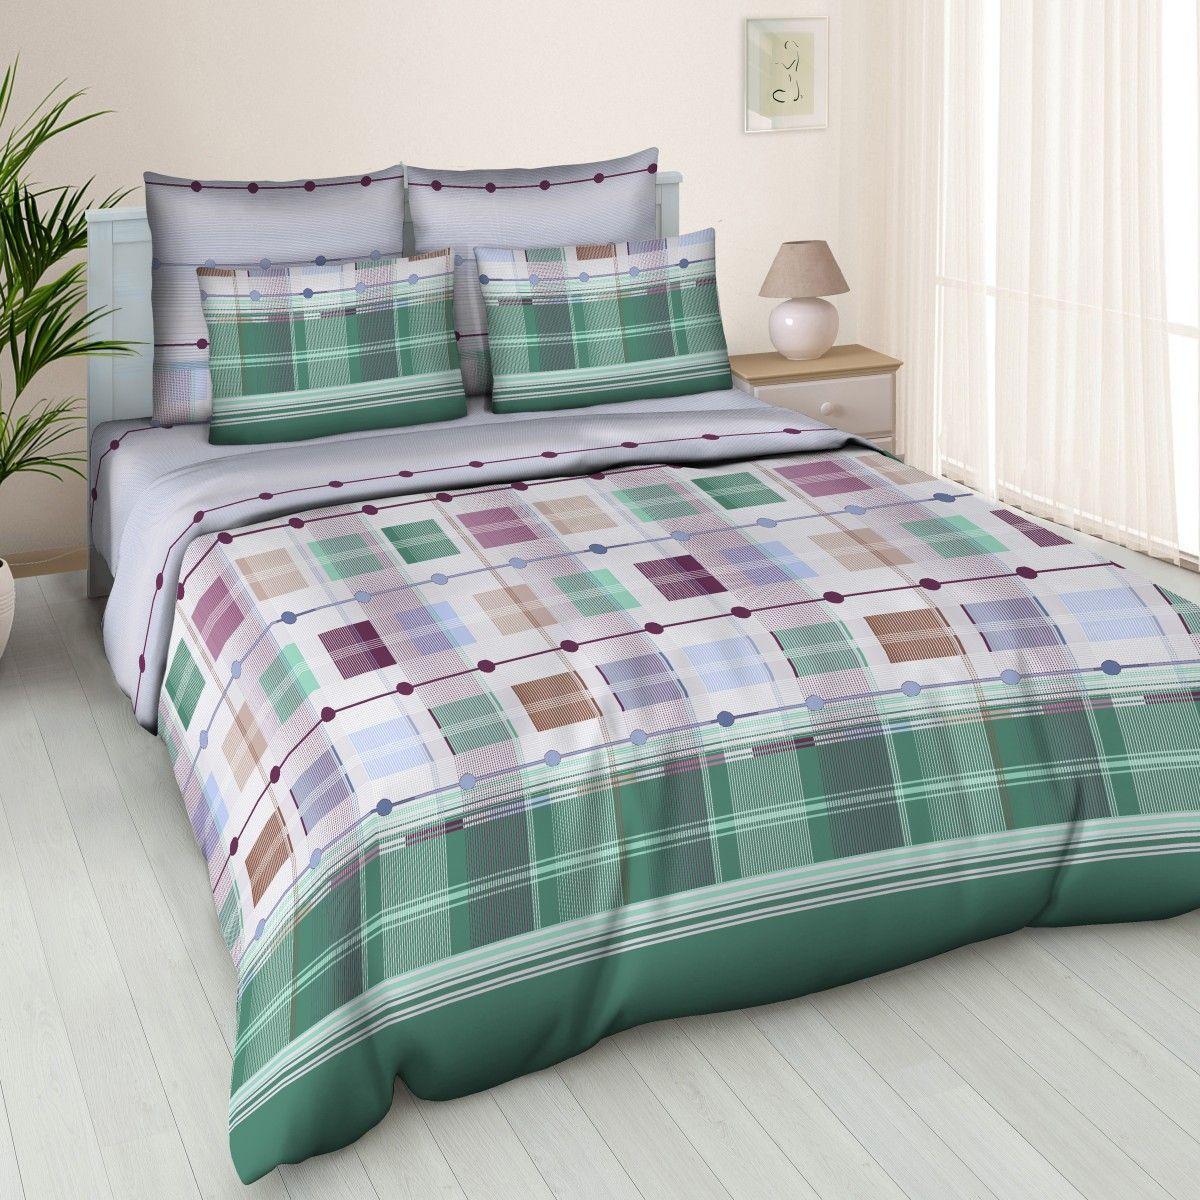 Комплект белья Amore Mio West, 2-спальный, наволочки 70x70, цвет: зеленый, бордовый, молочныйPANTERA SPX-2RSКомплект постельного белья Amore Mio выполнен из бязи - 100% хлопка. Комплект состоит из пододеяльника, простыни и двух наволочек. Постельное белье, оформленное оригинальным принтом, имеет изысканный внешний вид и яркую цветовую гамму. Наволочки застегиваются на клапаны.Постельное белье из бязи практично и долговечно. Материал великолепно отводит влагу, отлично пропускает воздух, не капризен в уходе, легко стирается и гладится. Благодаря такому комплекту постельного белья вы сможете создать атмосферу роскоши и романтики в вашей спальне.